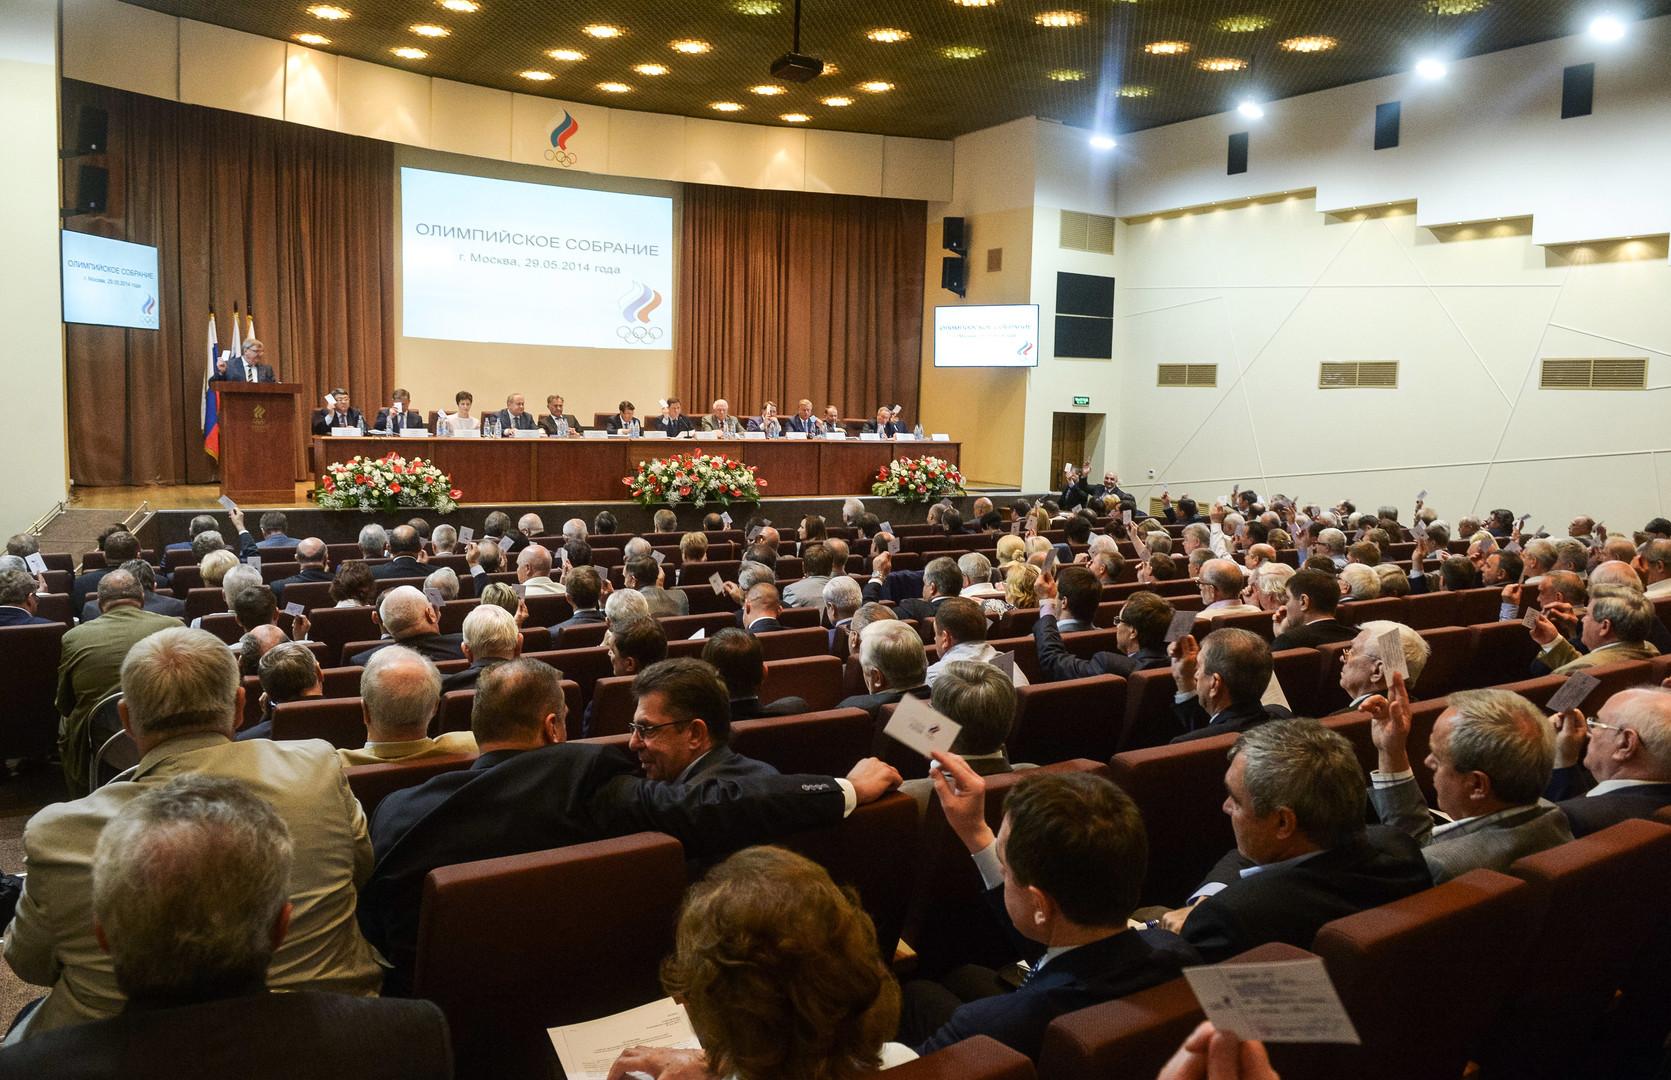 ОКР: Заявления комиссии WADA требуют всестороннего расследования